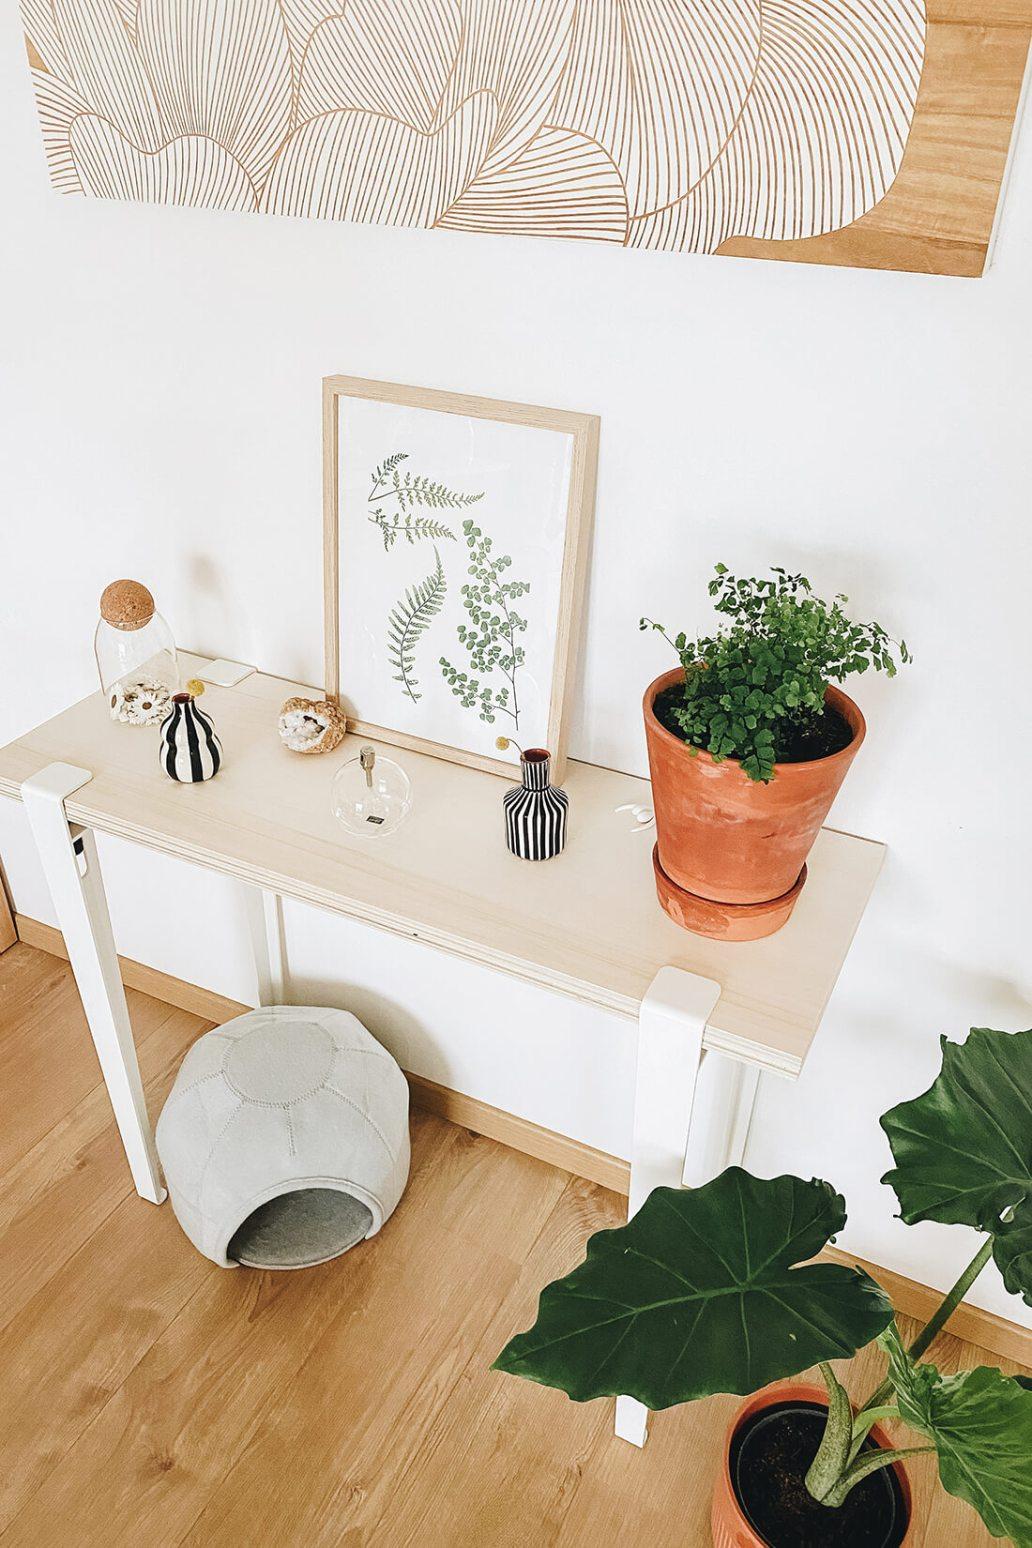 marmille home 2021 2 - Visite privée : découvrez l'appartement Hygge de Marmille